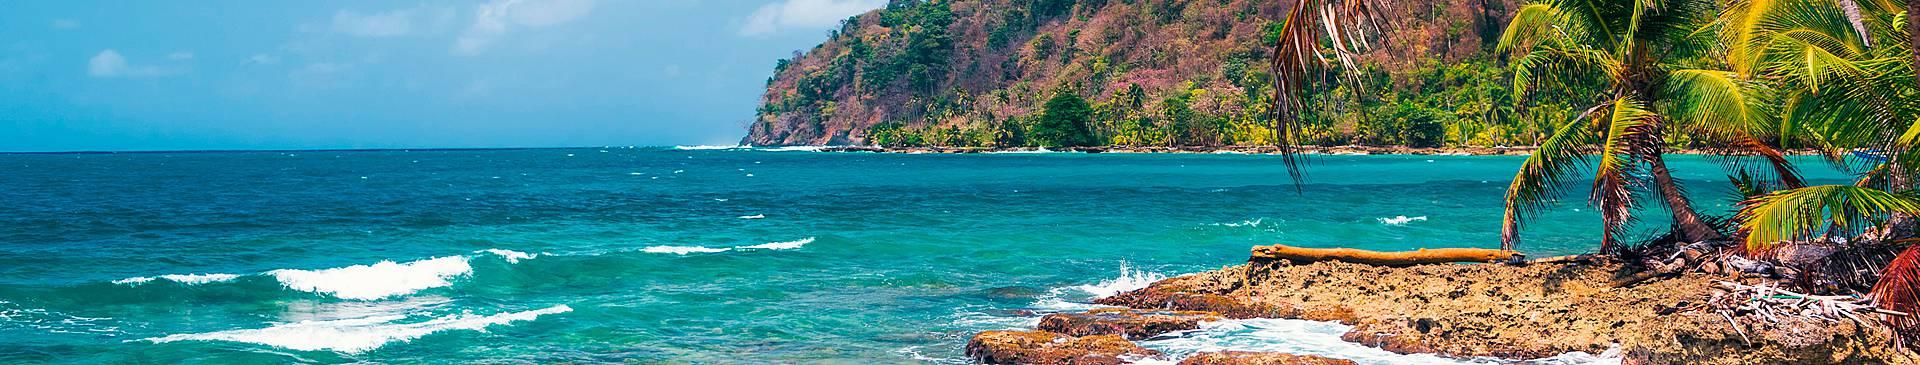 Strand und Meer Panama Reisen